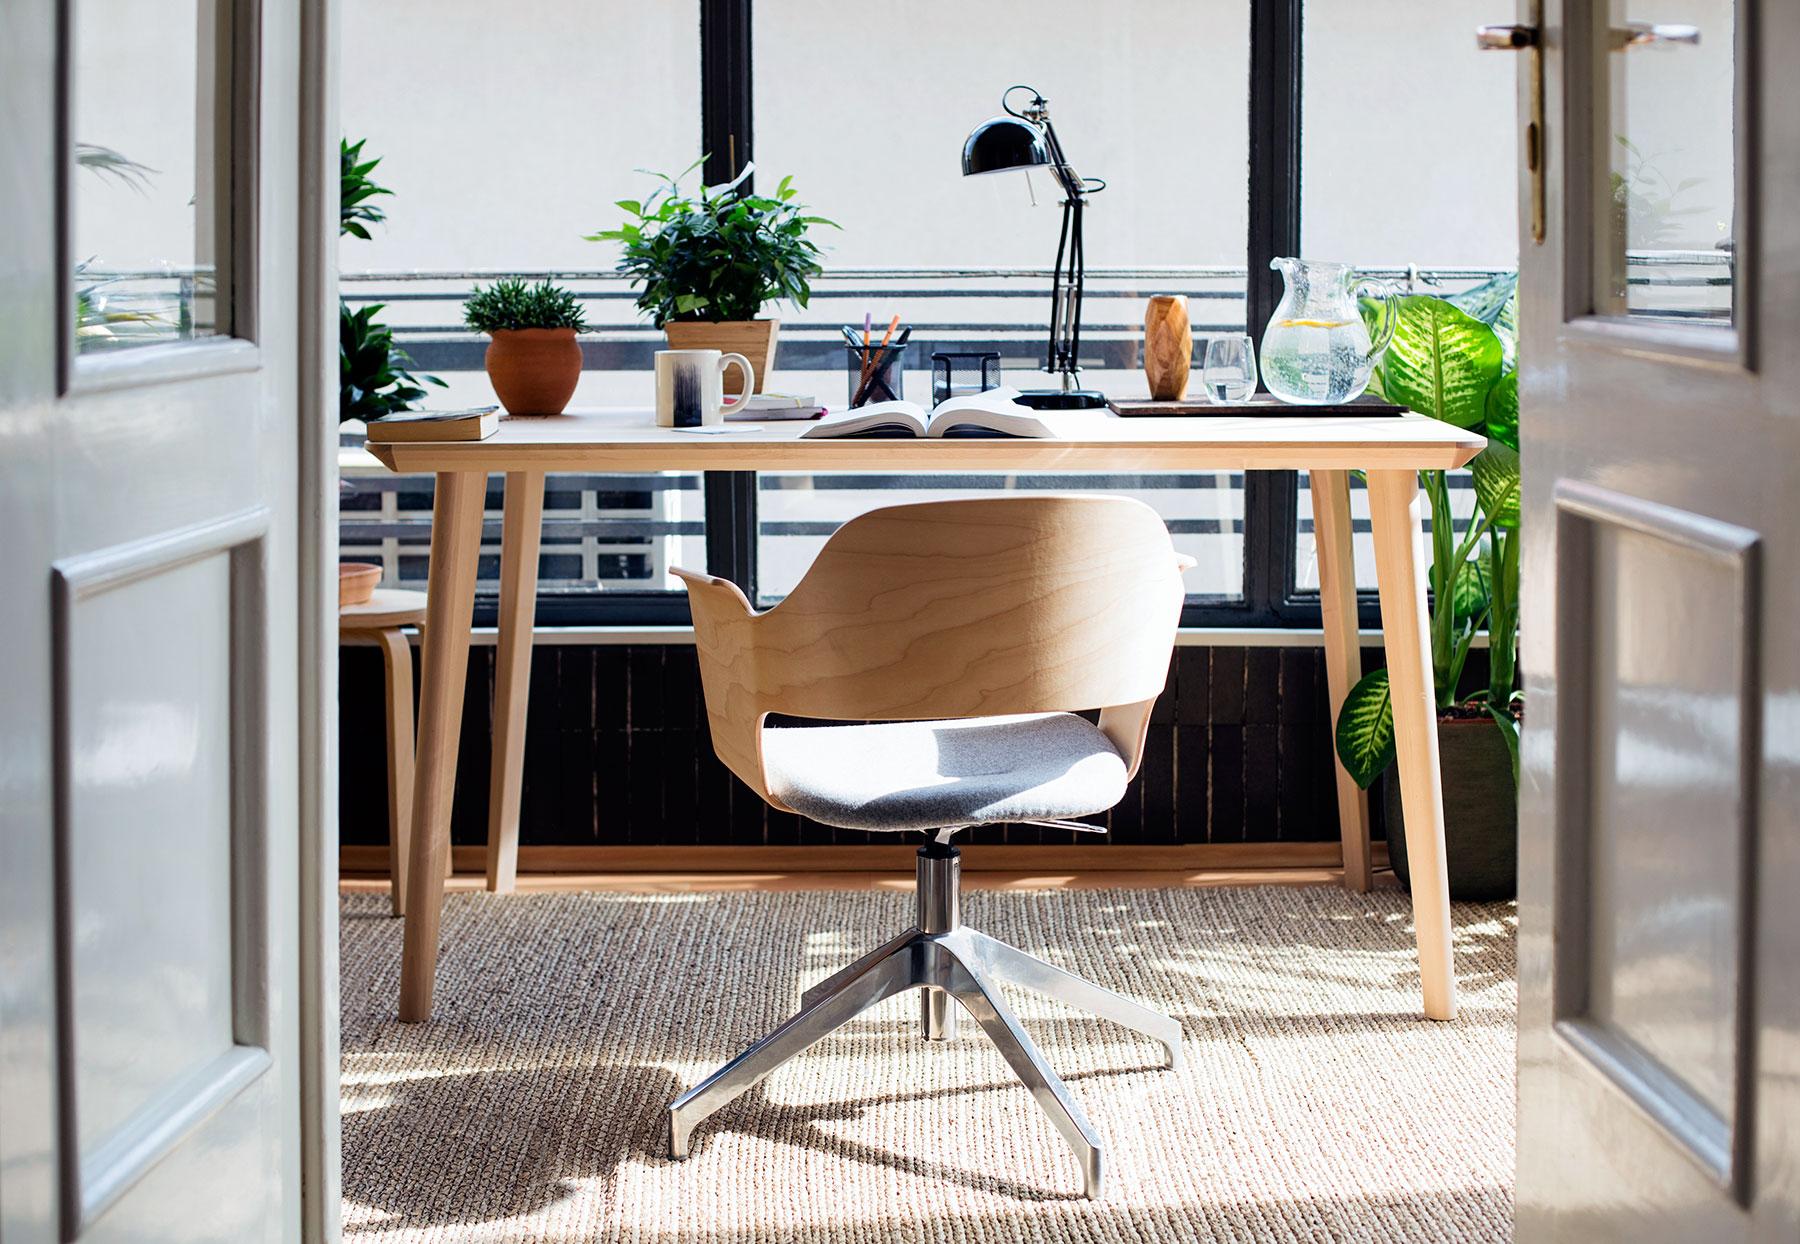 Arbeitszimmer Gestaltung   12 Bemerkenswerte Ideen Für Ein Modernes ...